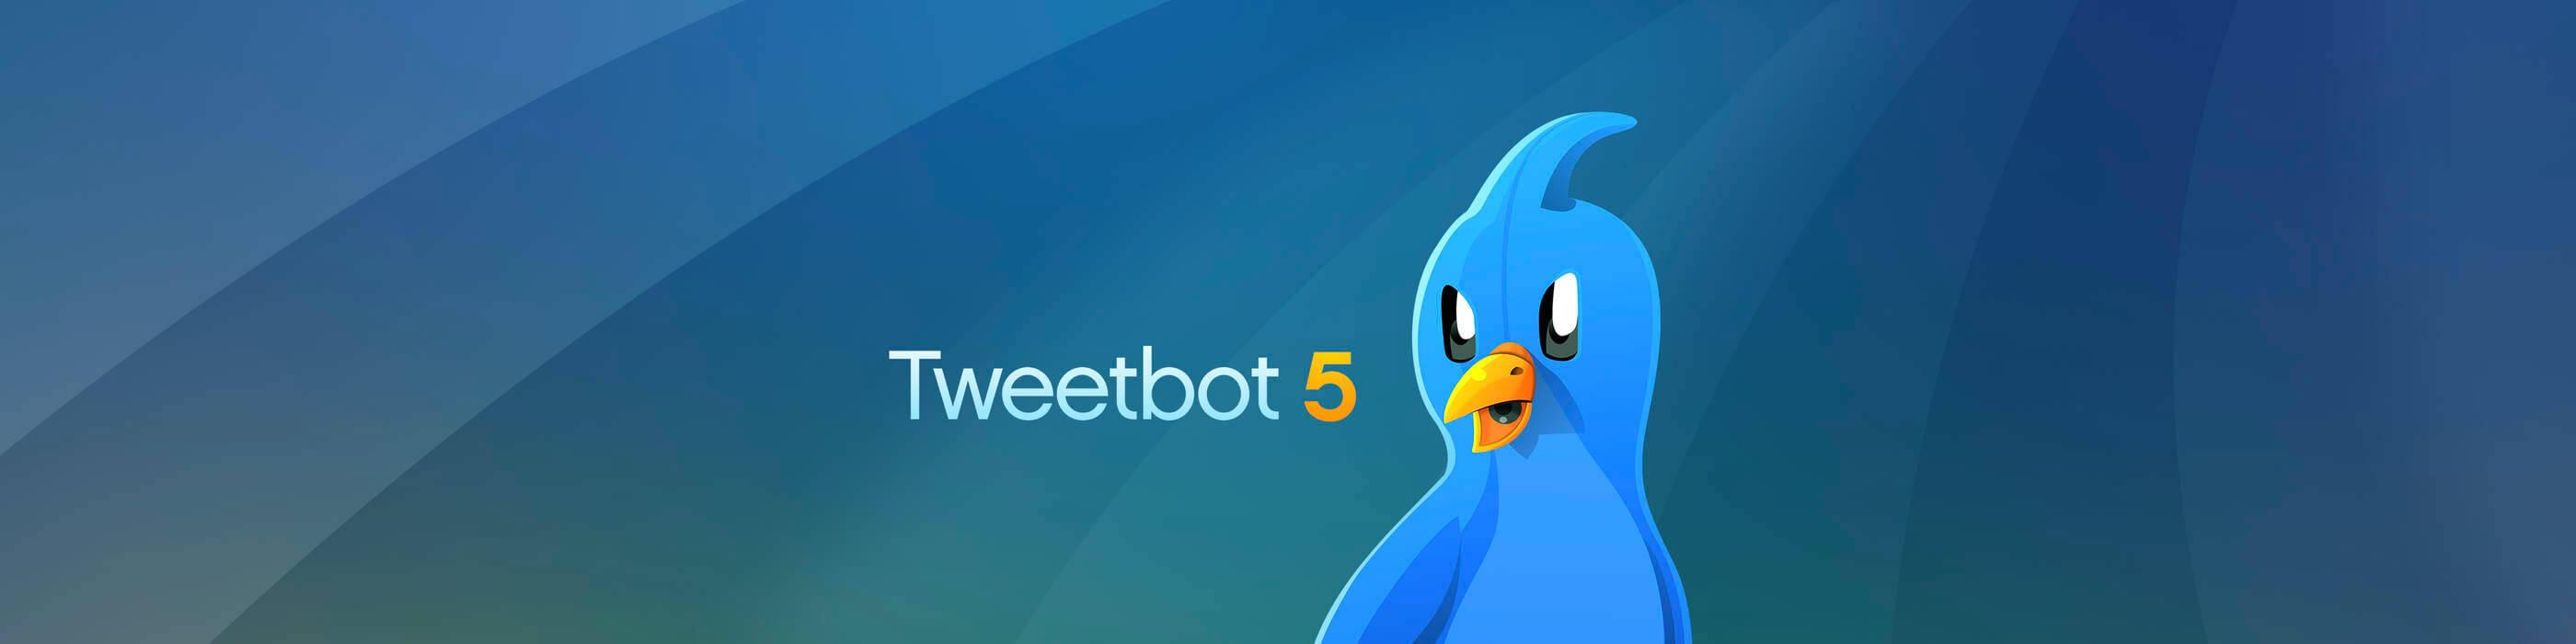 [已购]Tweetbot 5 for Twitter-草蜢资源